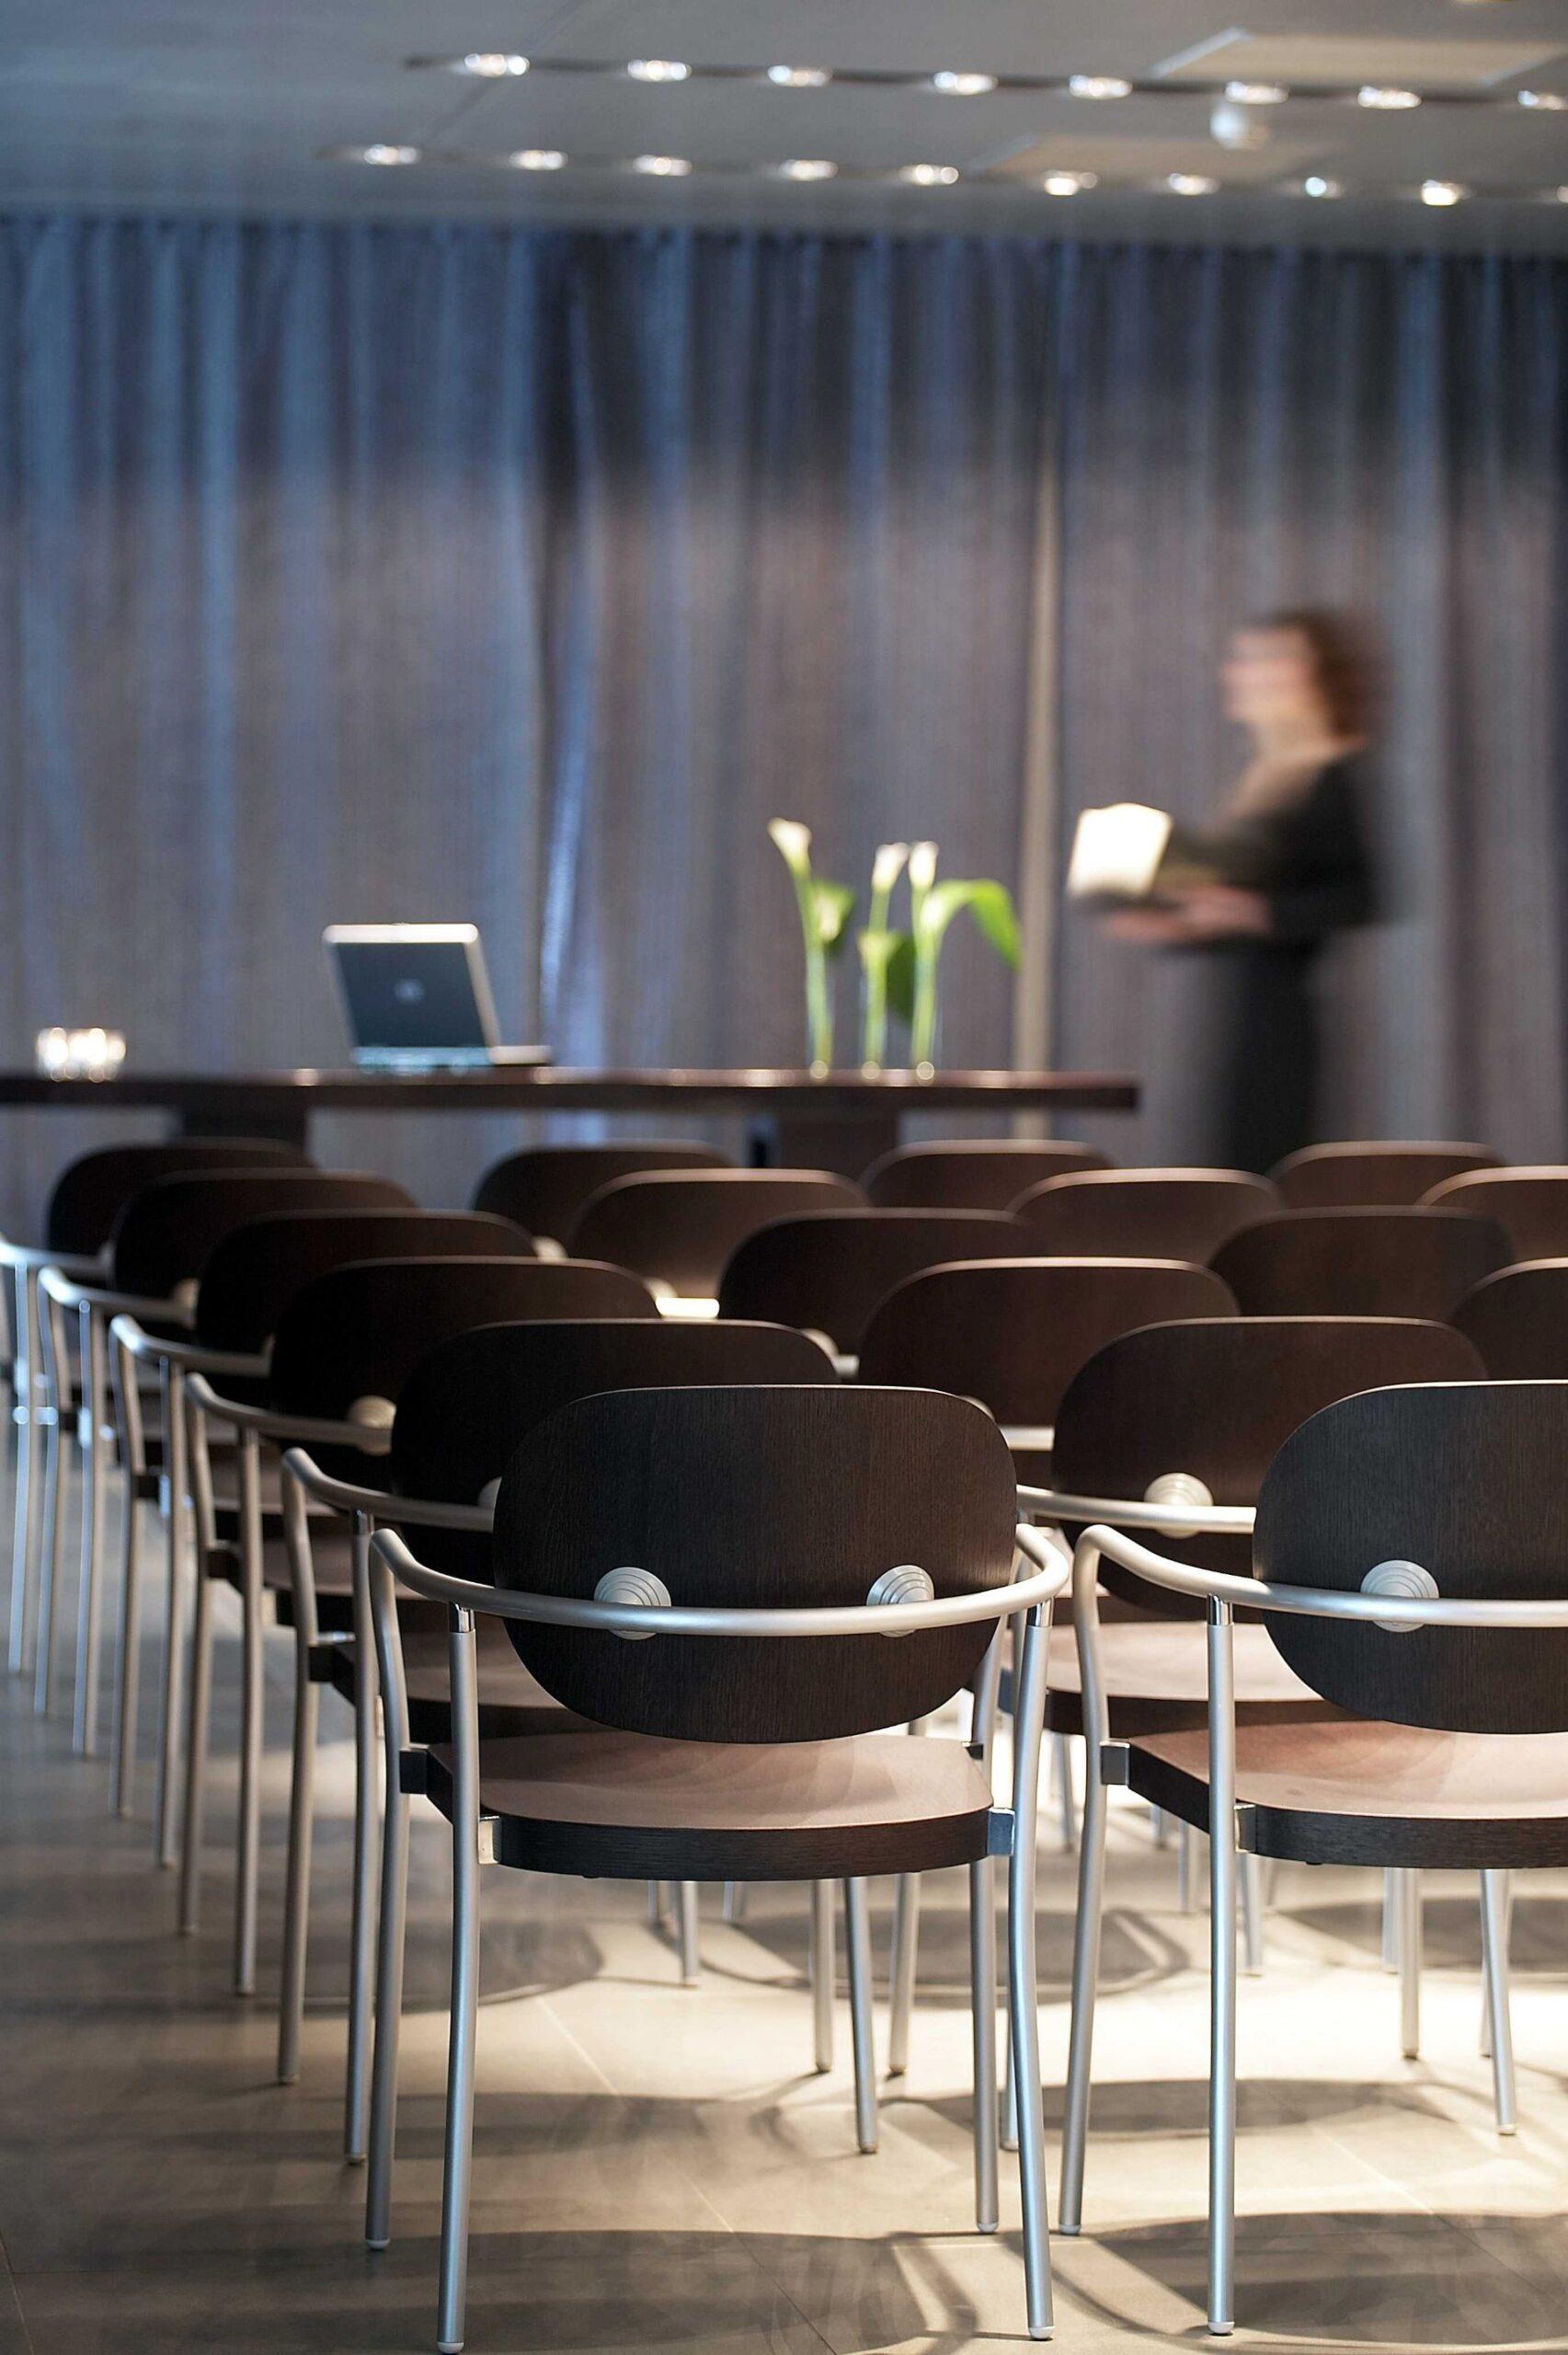 Life Gallery - Corporate Meetings